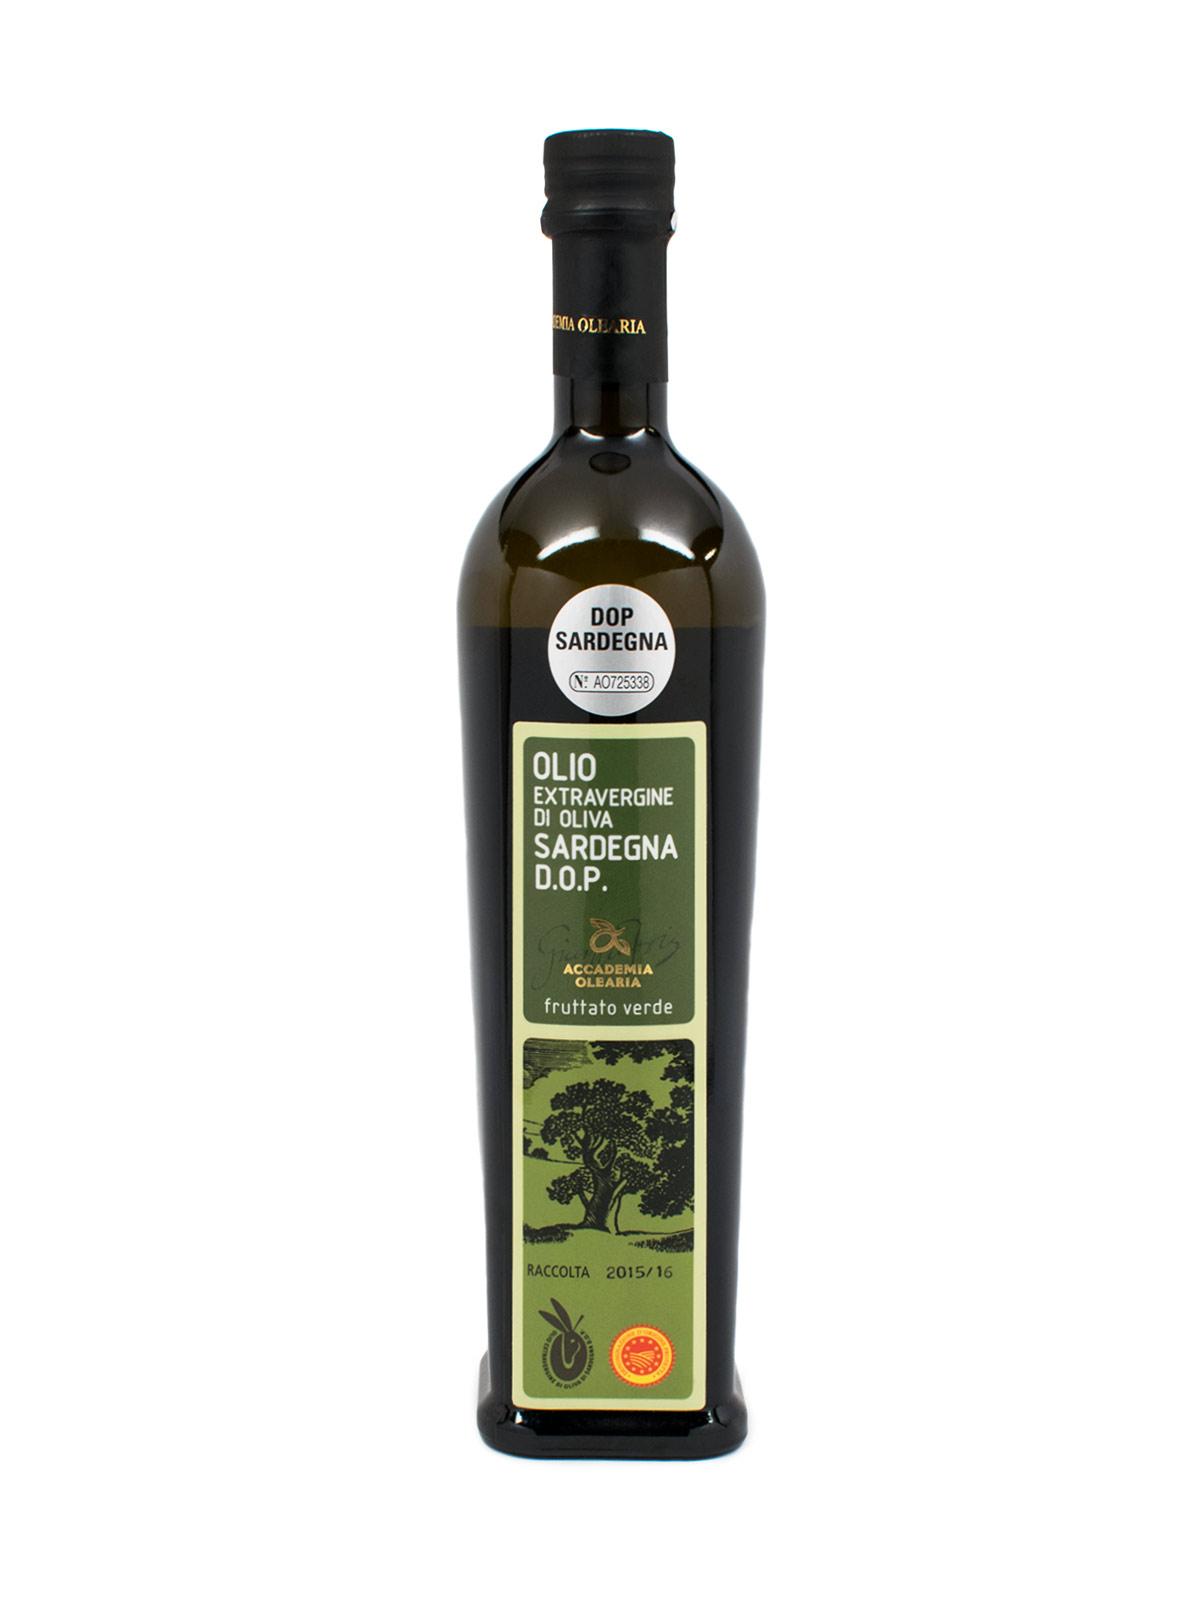 Riserva del Produttore Extra Virgin Olive Oil D.O.P. - Oils & Vinegars - Buon'Italia